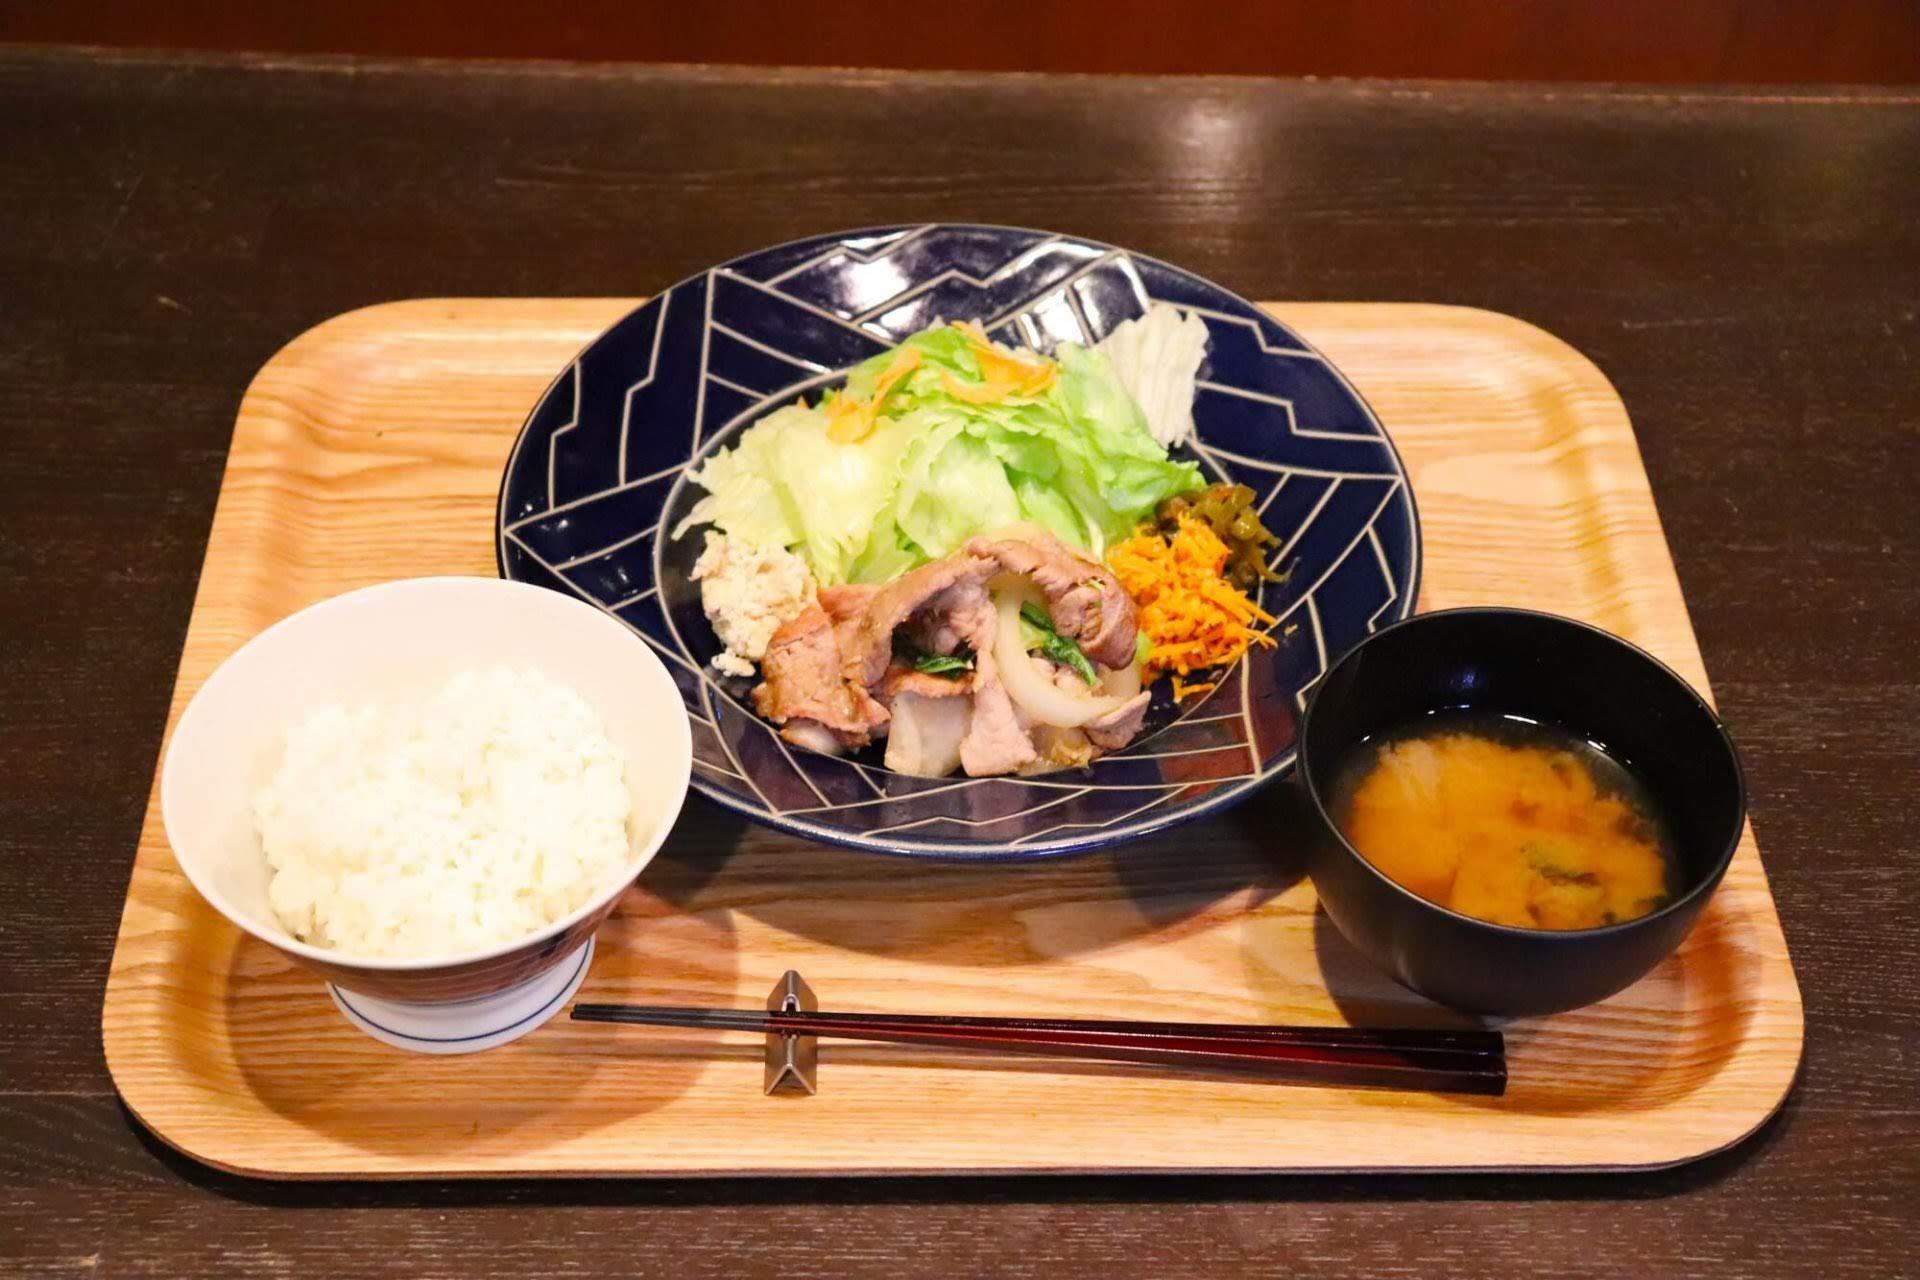 沖縄中部ランチ - 沖縄市「cafe ouchi:(カフェおうち)」